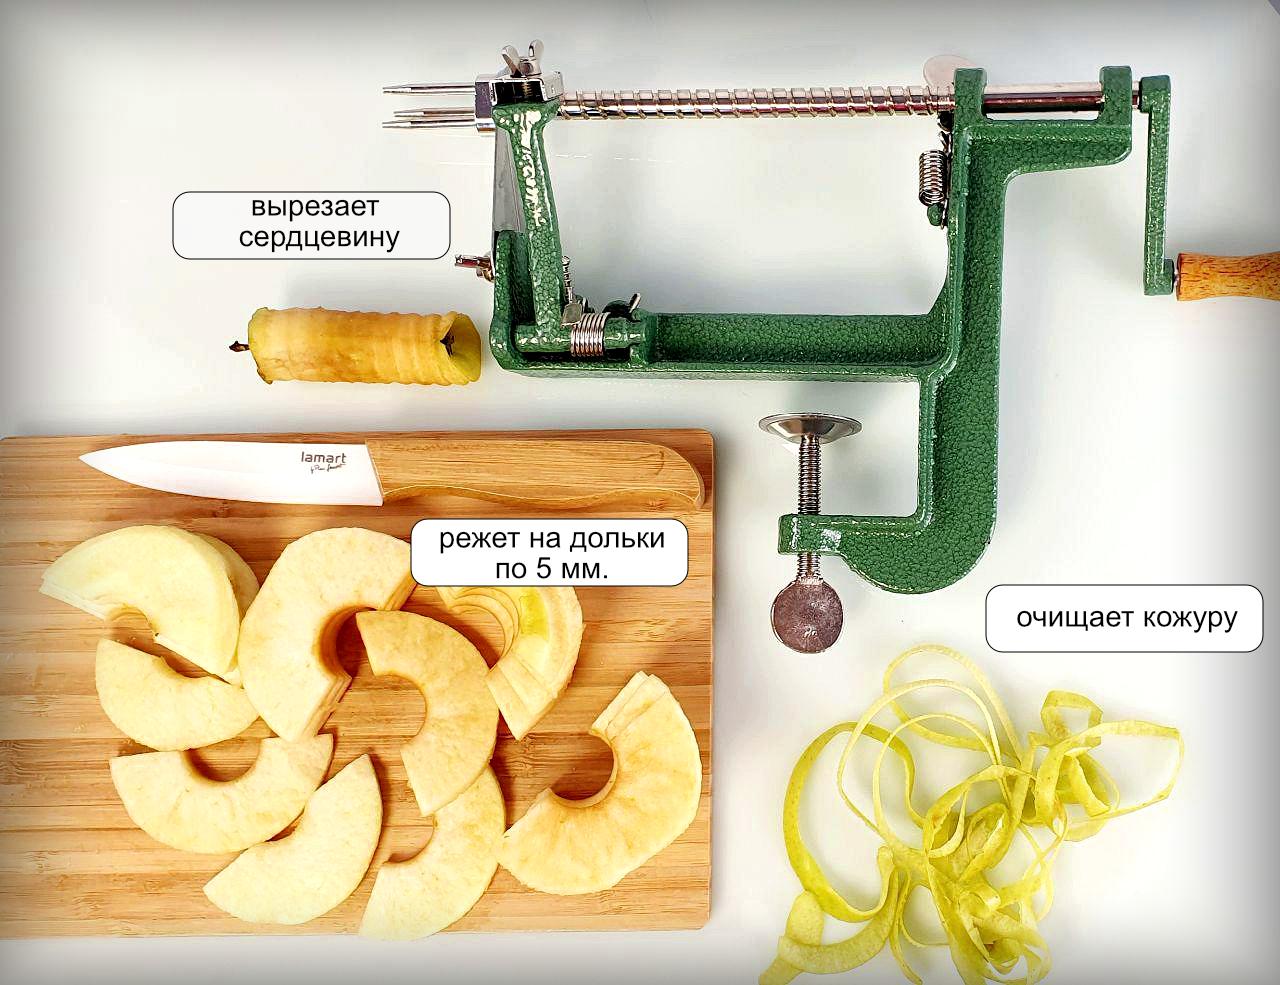 Apple Peeler - Слайсер для нарезки яблок, фруктов и овощей